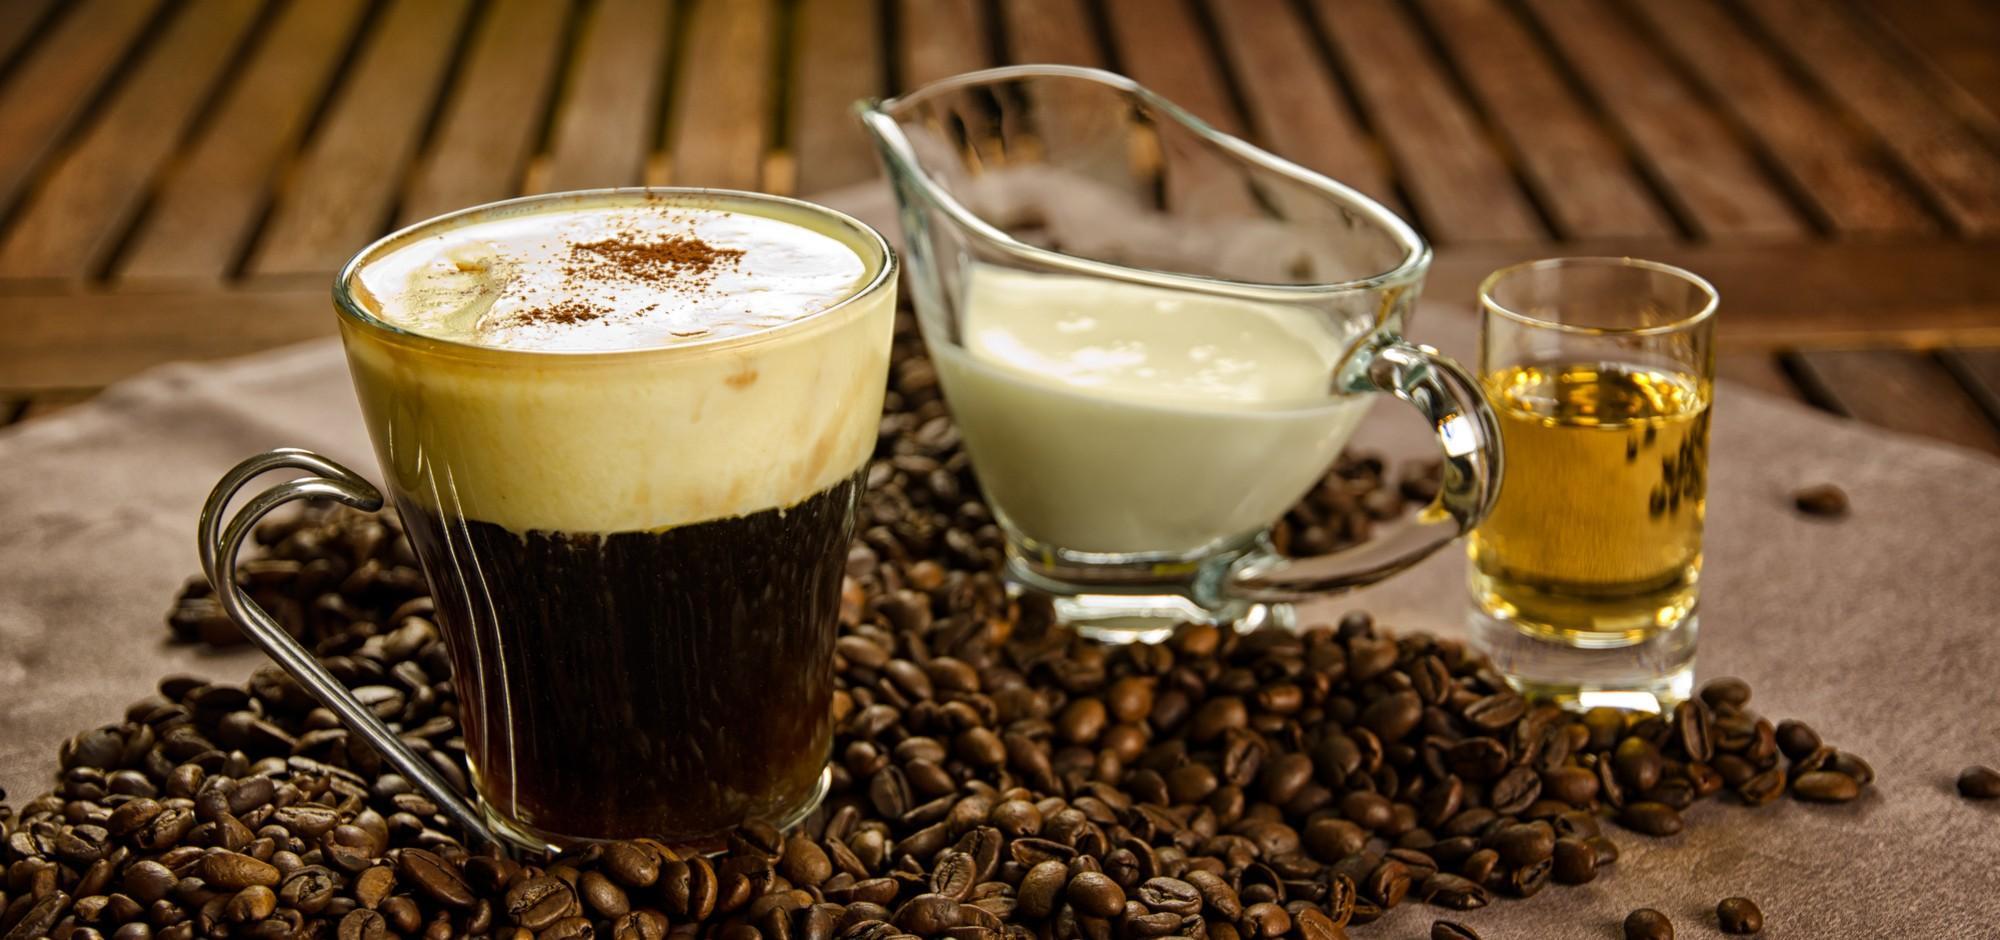 Кофе и алкоголь оказались главными пусковыми факторами мерцательной аритмии